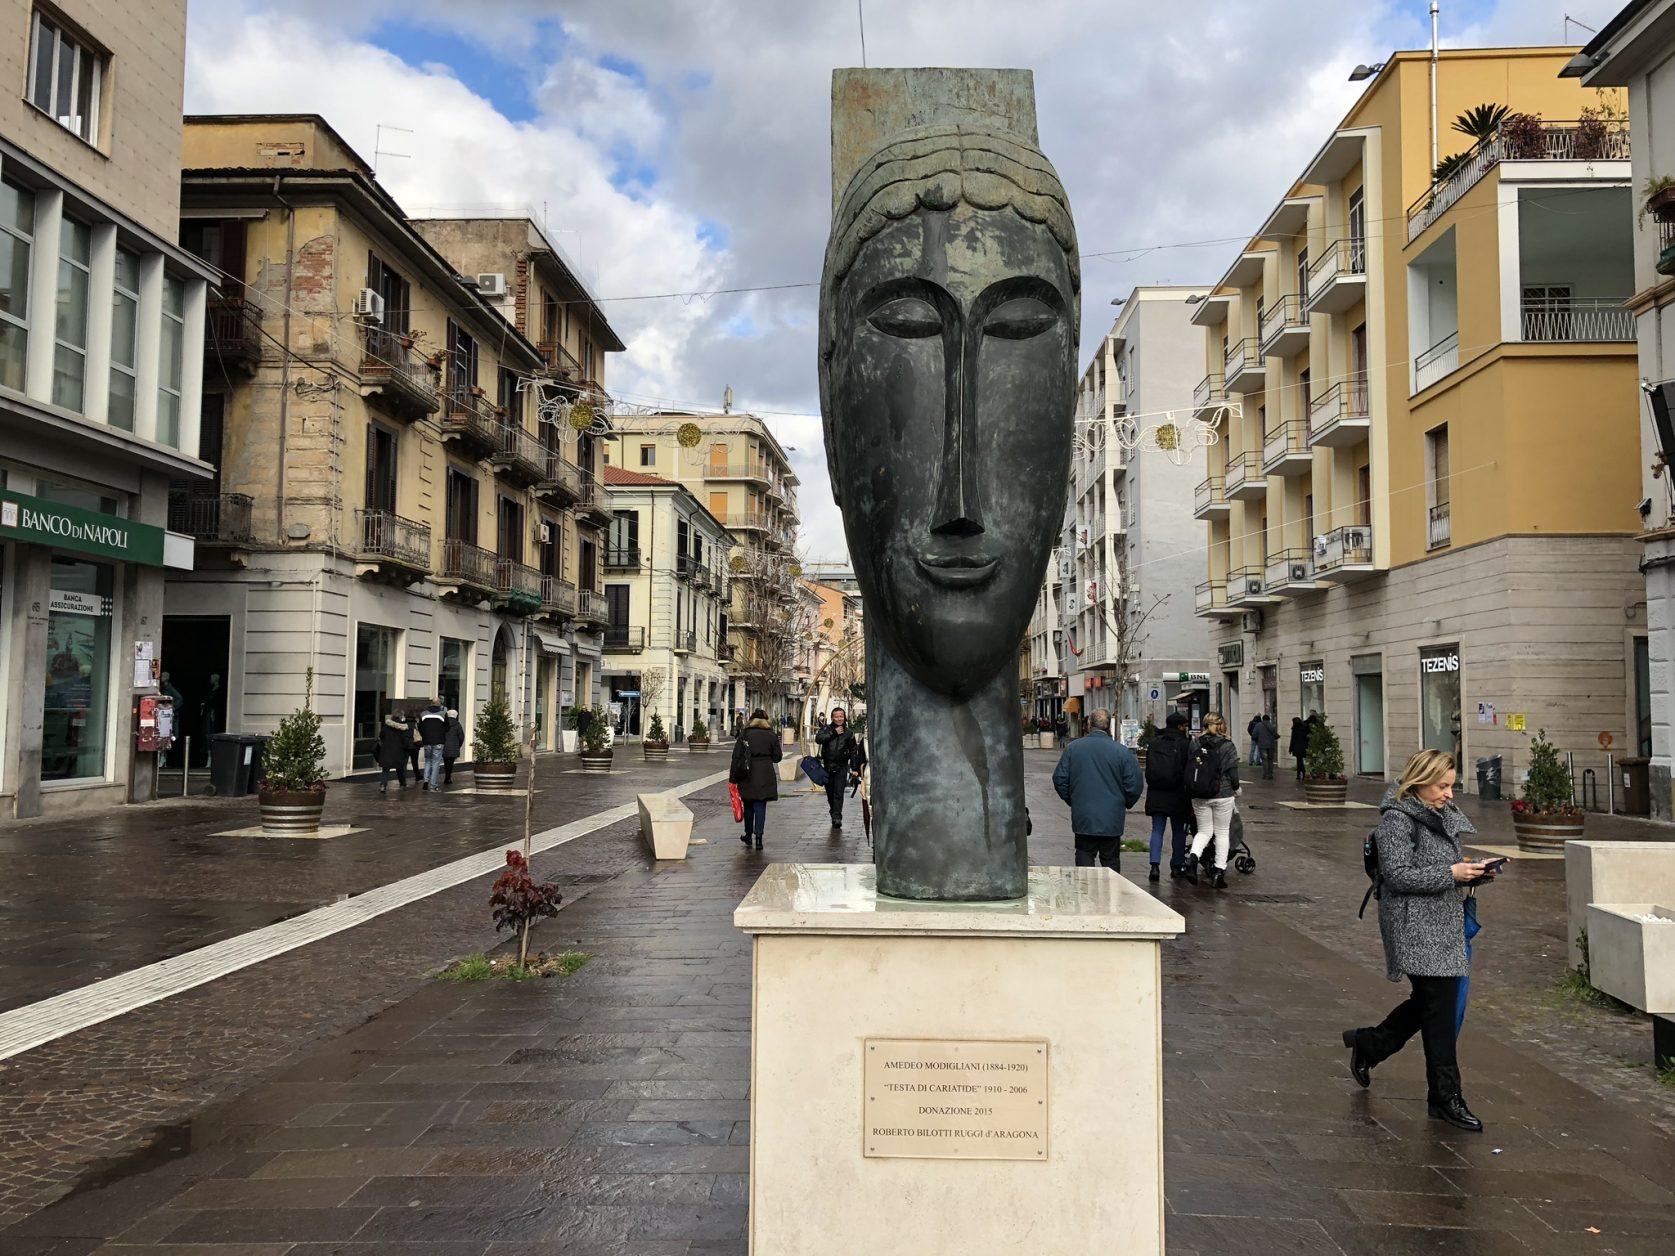 Vielbeachtet sind die Kunstwerke des Freiluftmuseums Musée en plein air Bilotti